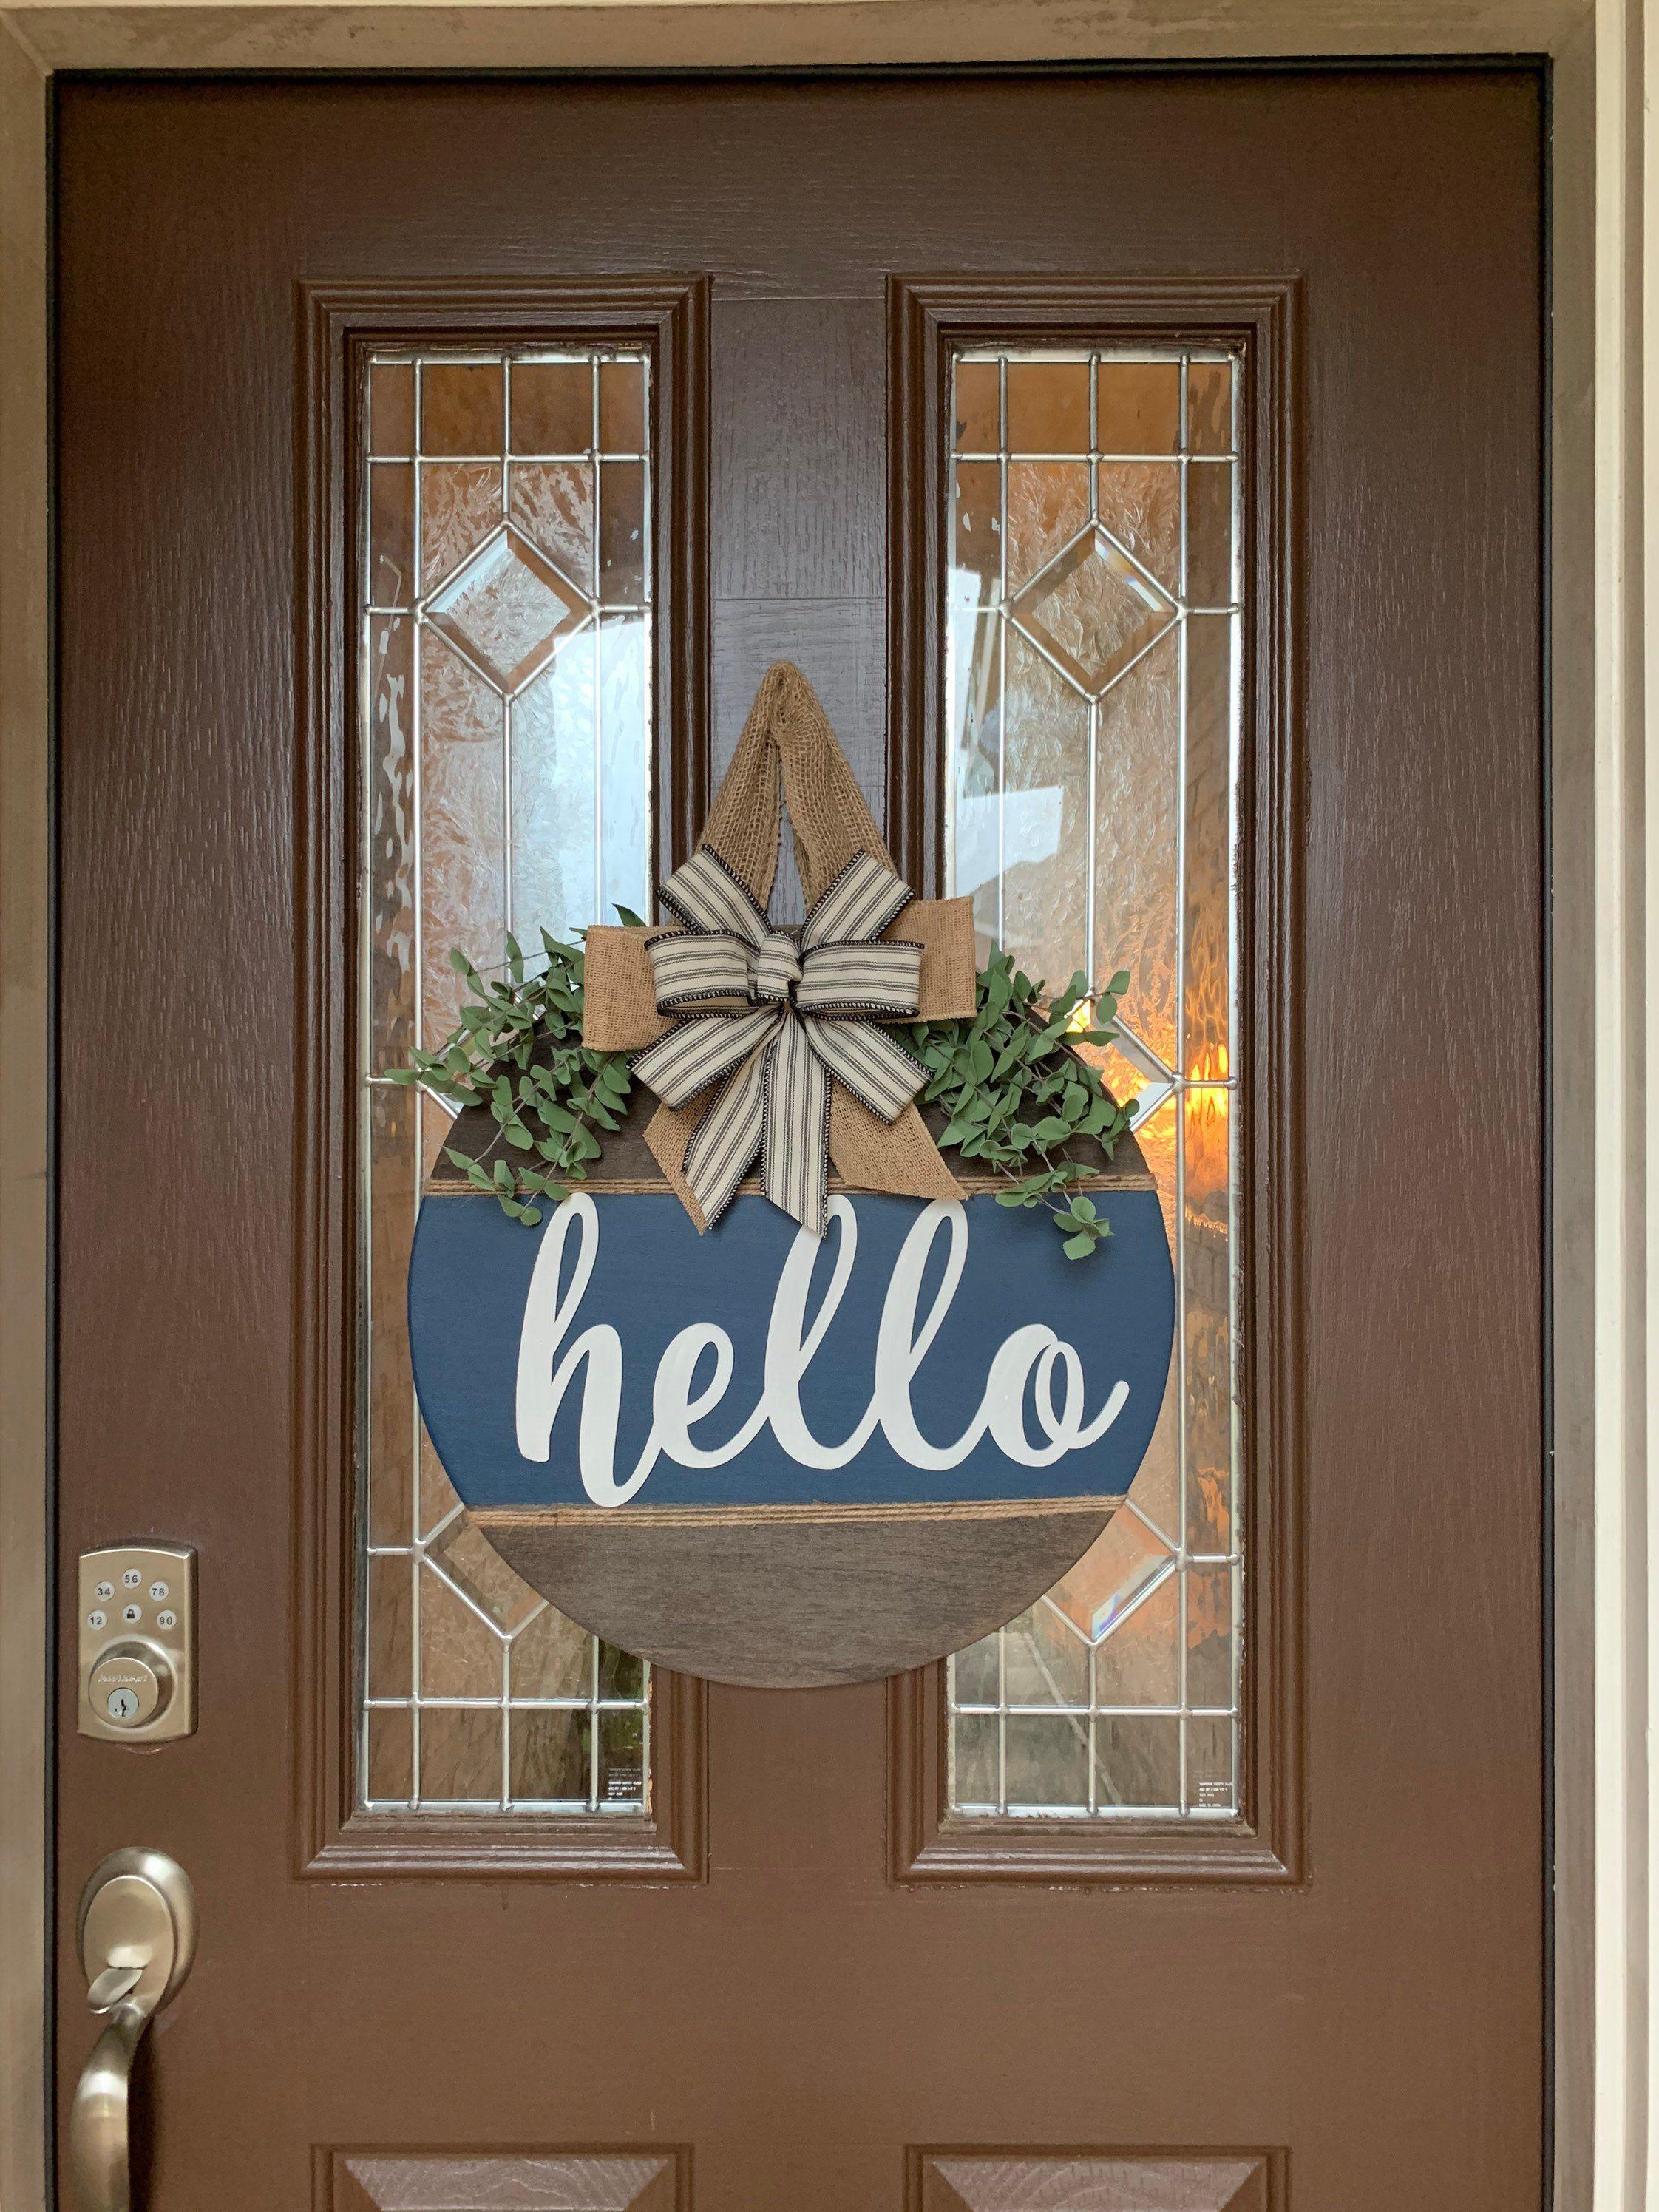 Navy Farmhouse Style Door Sign Hello Farmhouse Door Hanger Etsy In 2020 Door Signs Diy Wooden Door Signs Painted Front Doors